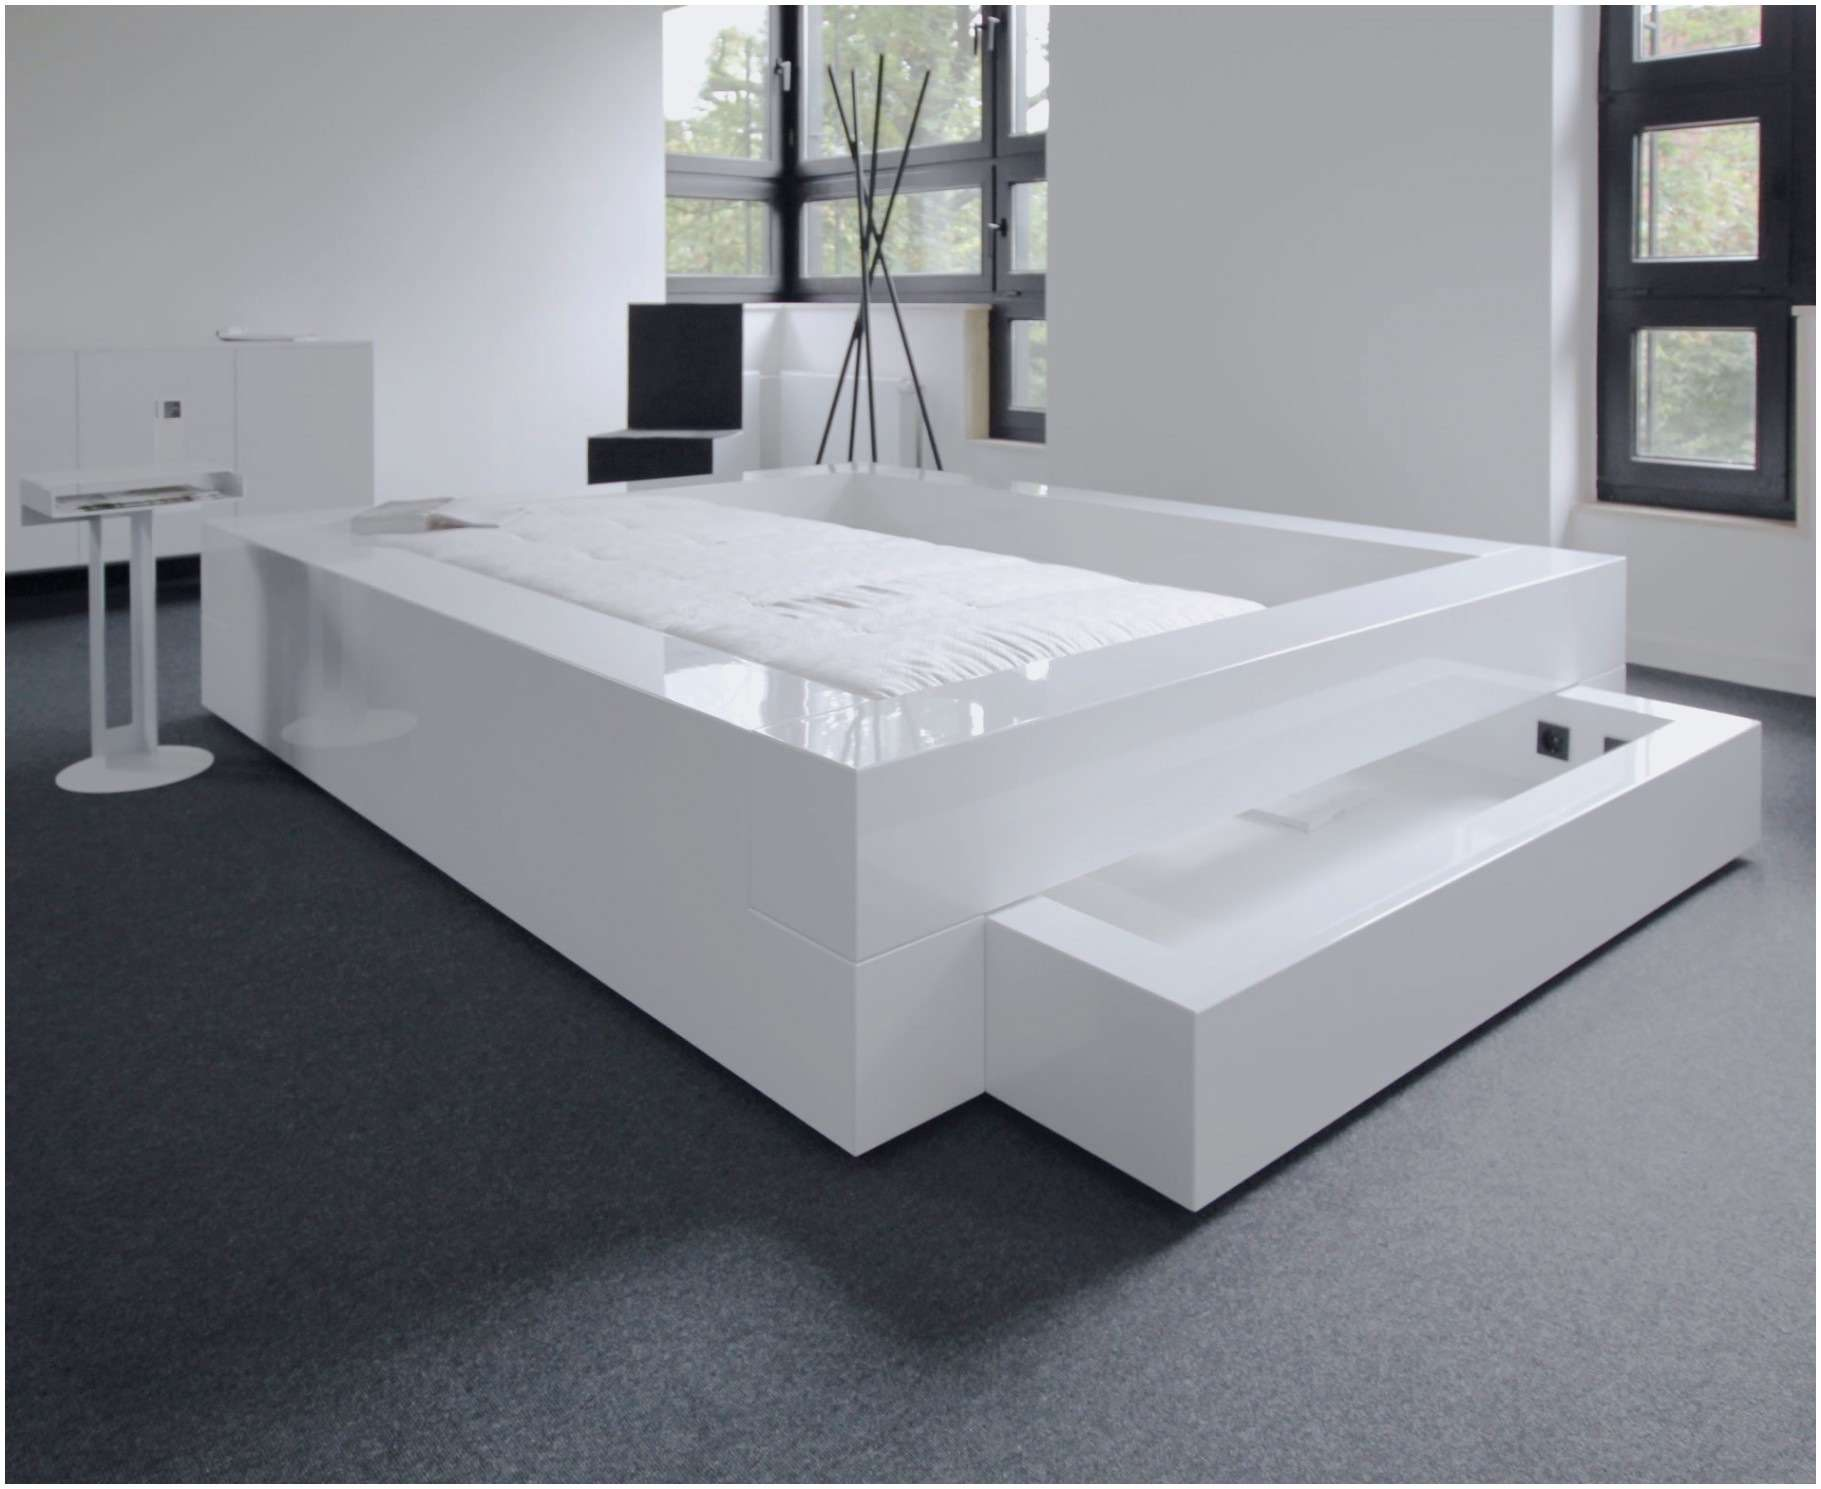 Lit Flaxa Ikea Joli Nouveau Ikea Line Betten Frisch Bett 160—200 Mit Matratze Frisch Lit